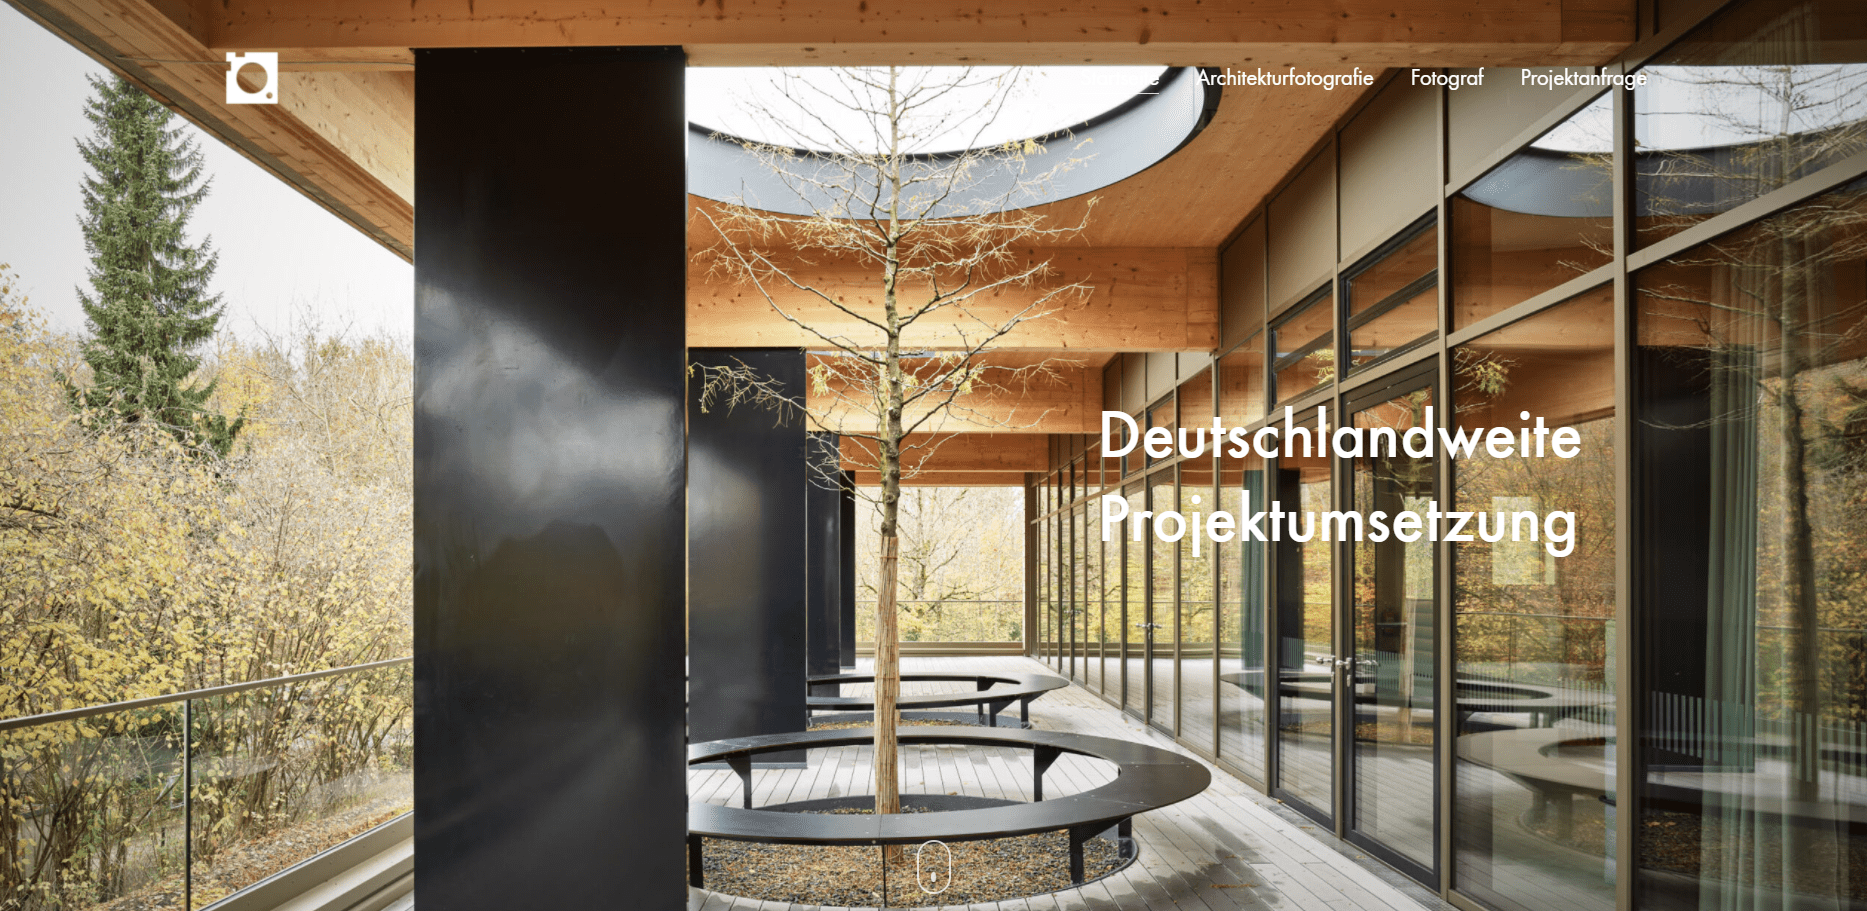 Pagestarter Websiteerstellung Referenz Architekturfotograf